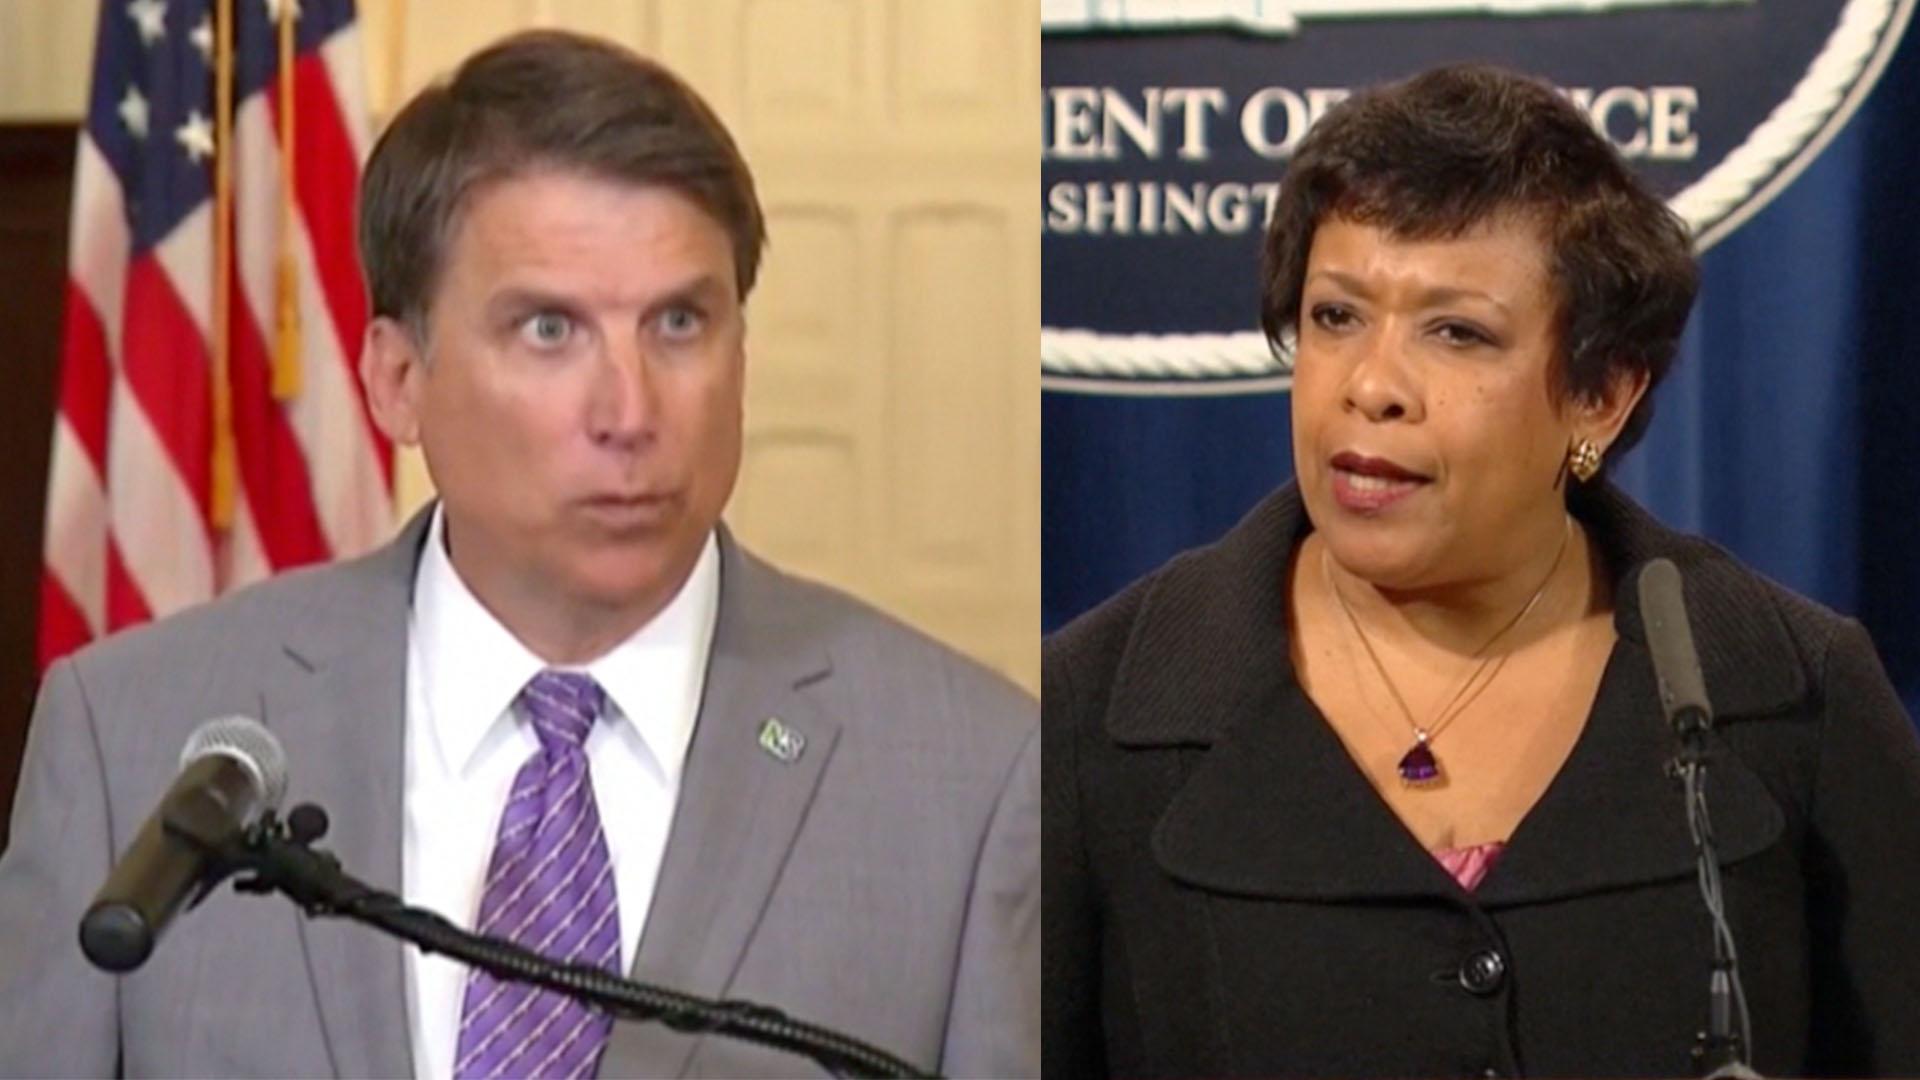 North Carolina, Justice Dept. file dueling lawsuits over transgender rights